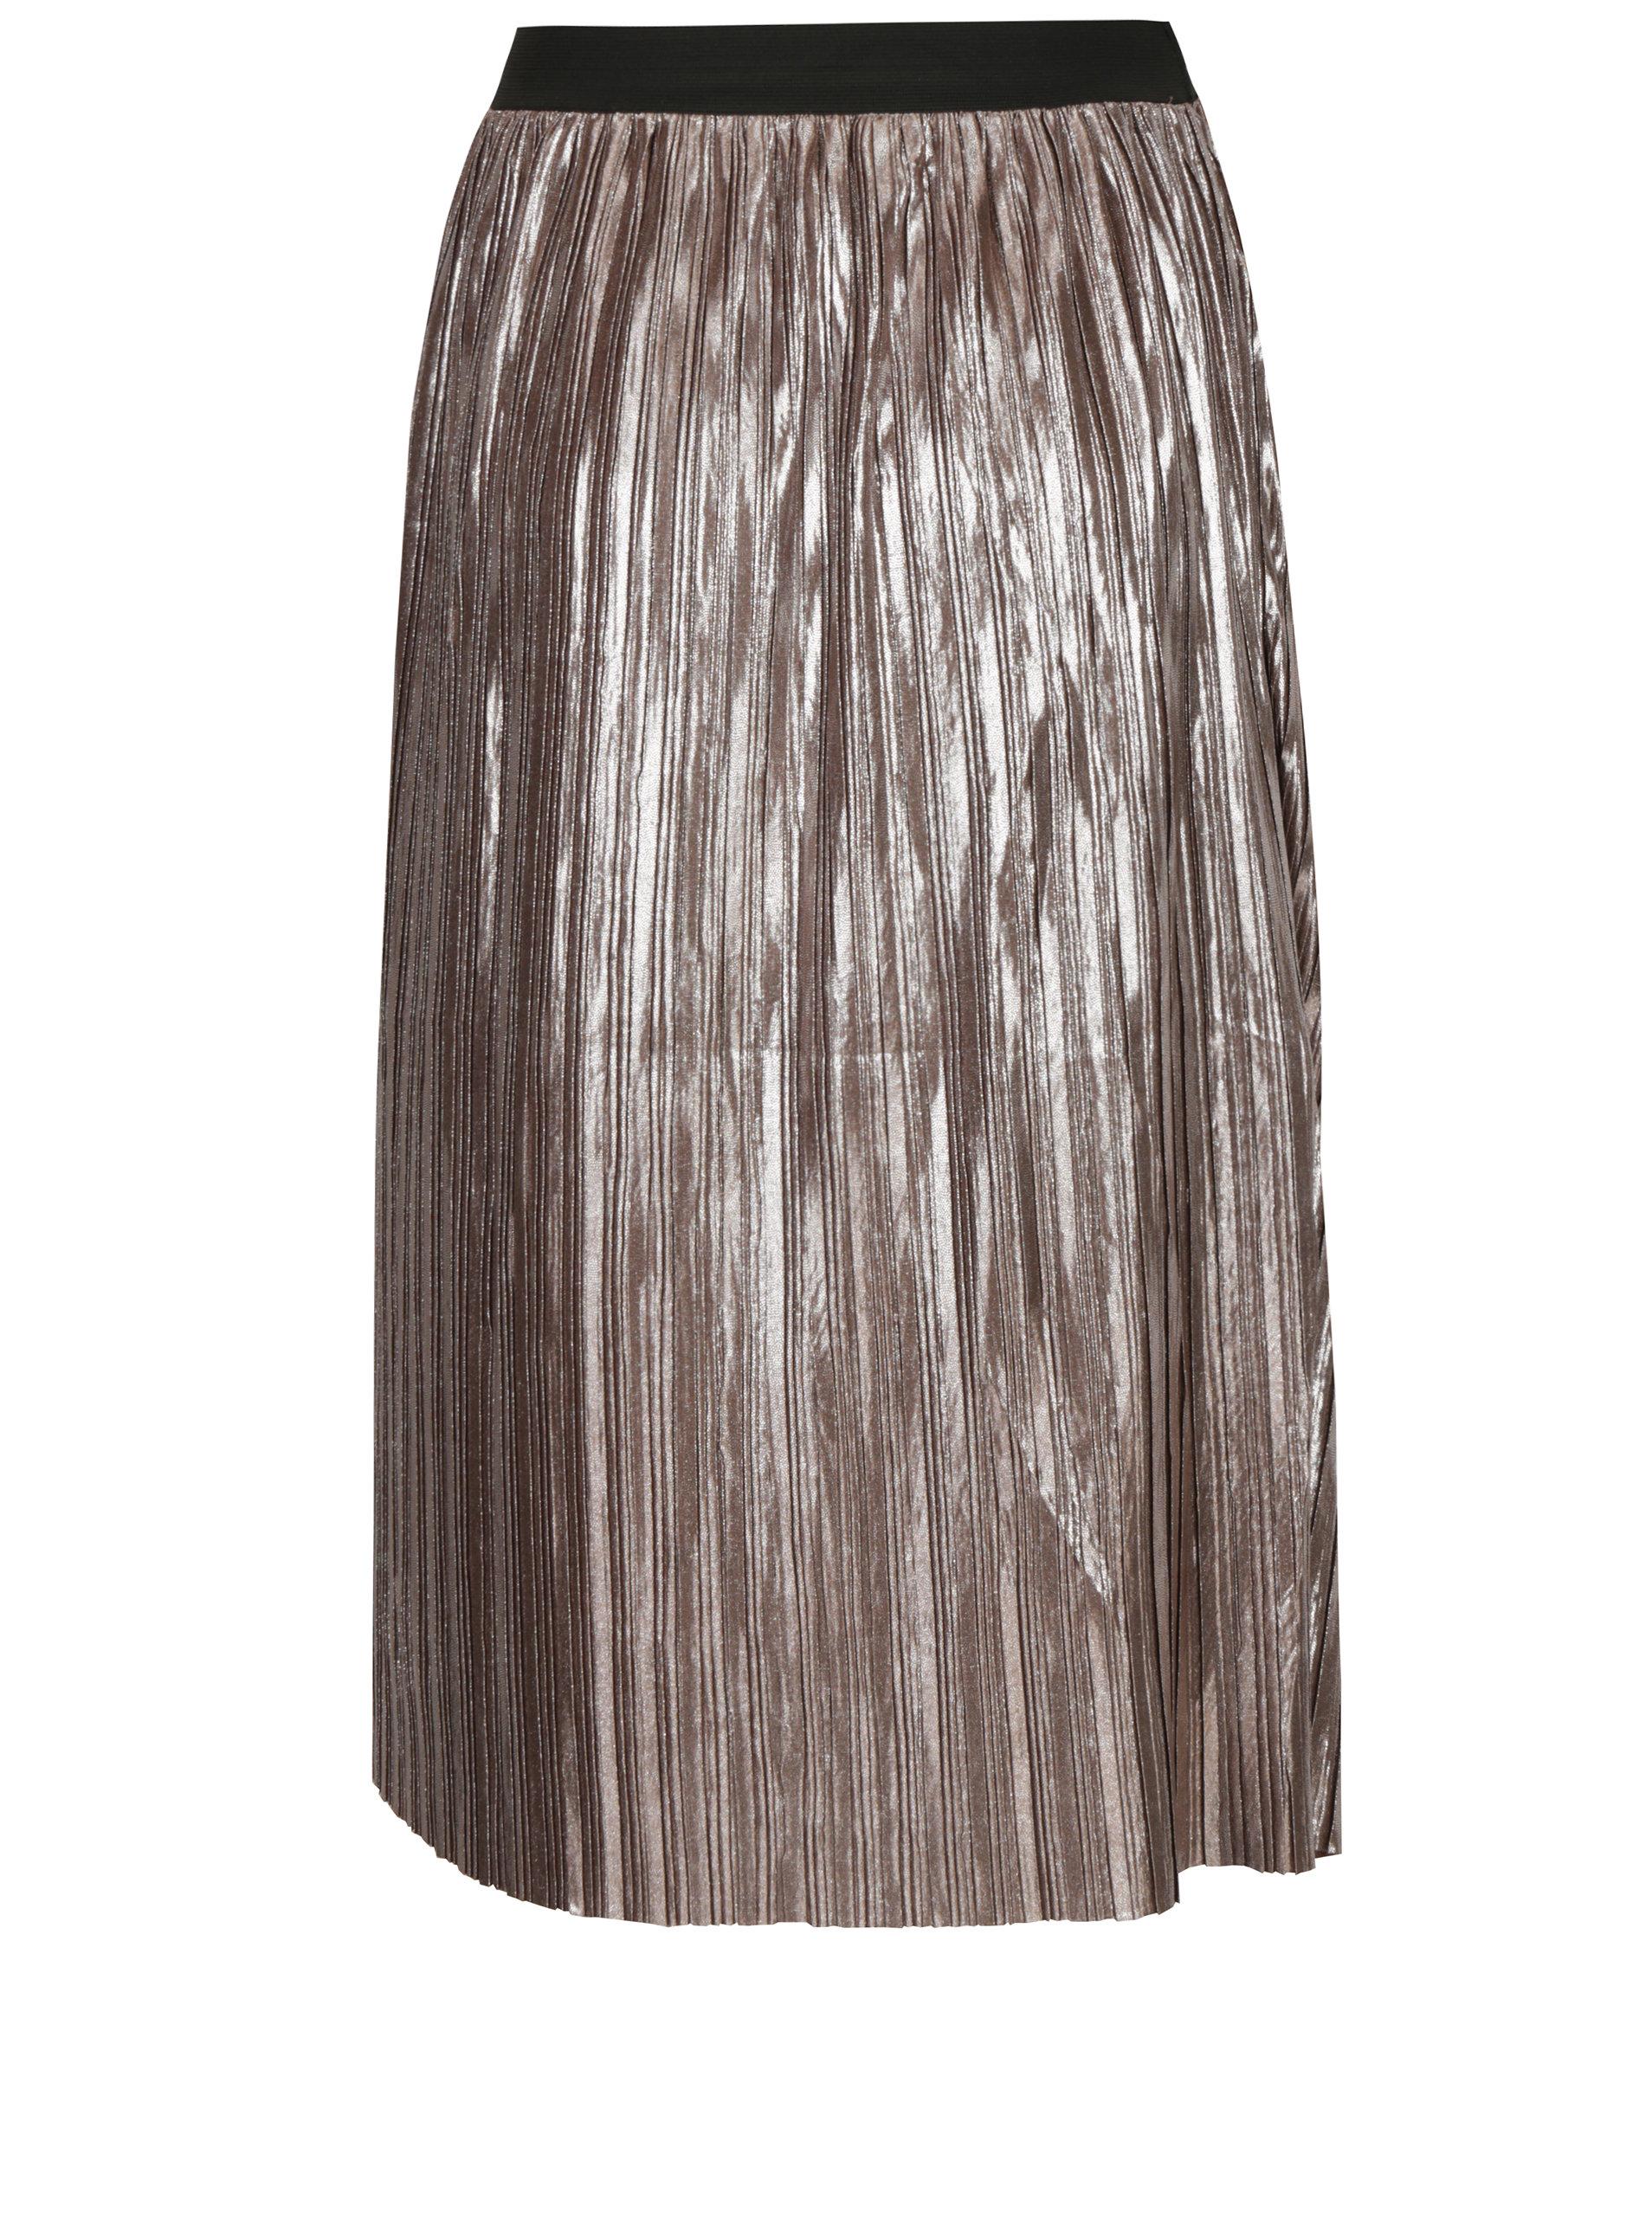 0279012d287b Světle hnědá plisovaná lesklá sukně s jemným vzorem Mela London ...